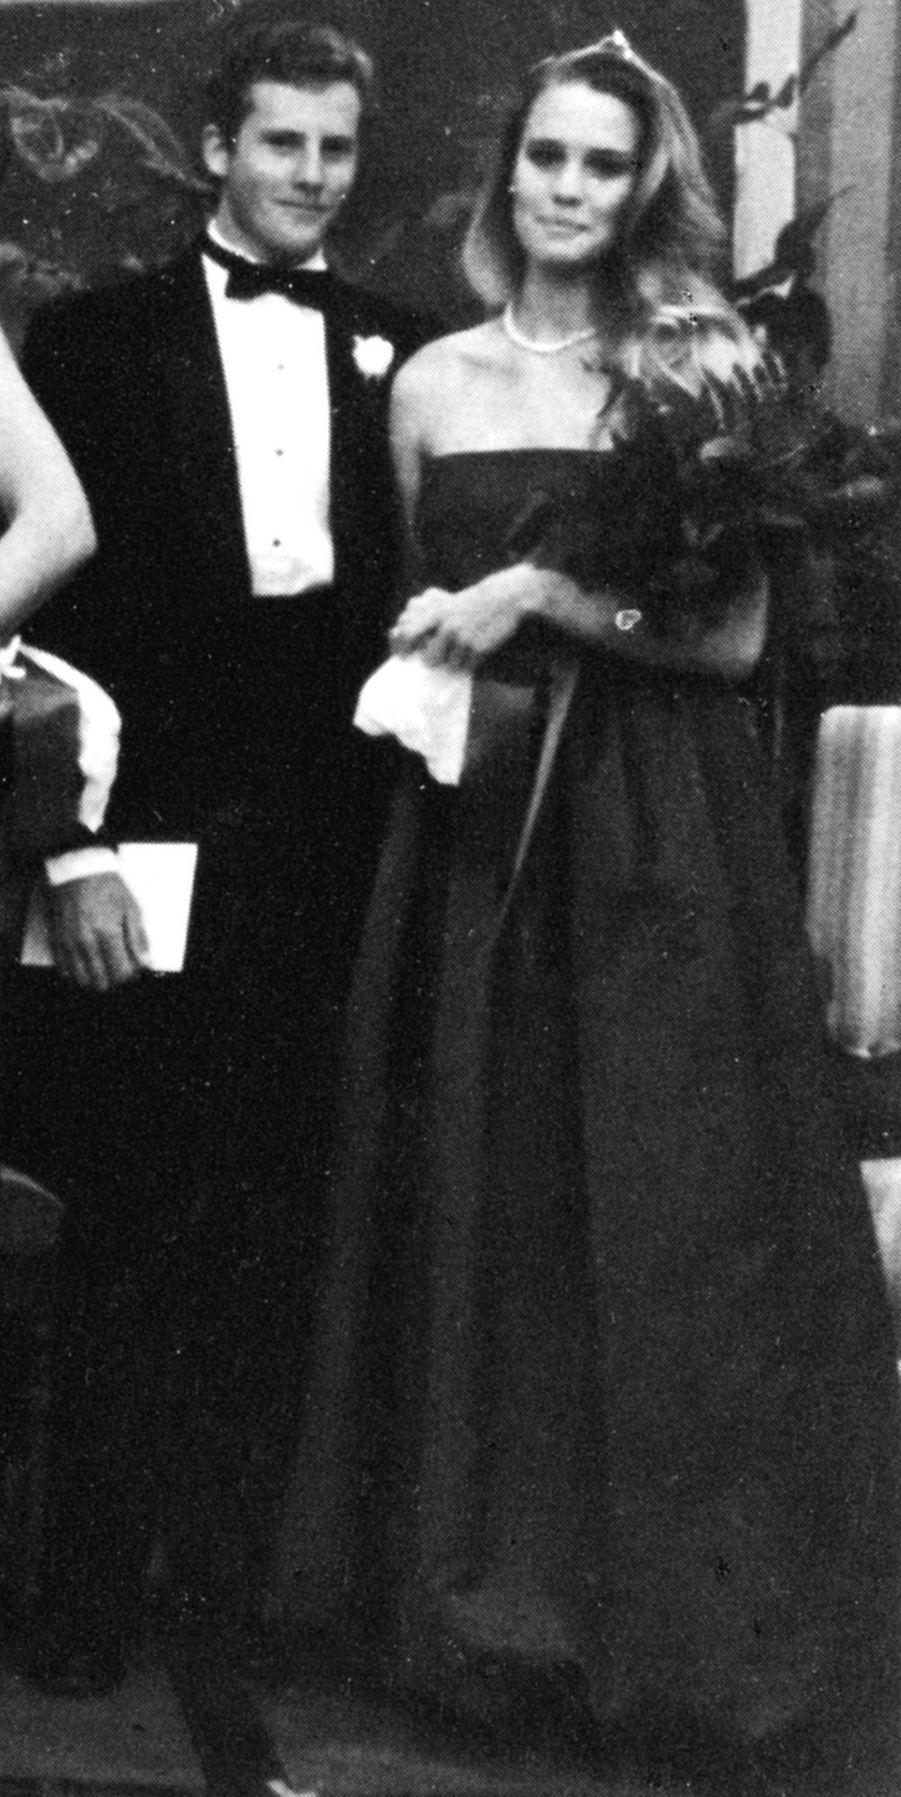 Sur la photo précédente, Paul Newman en 1943.